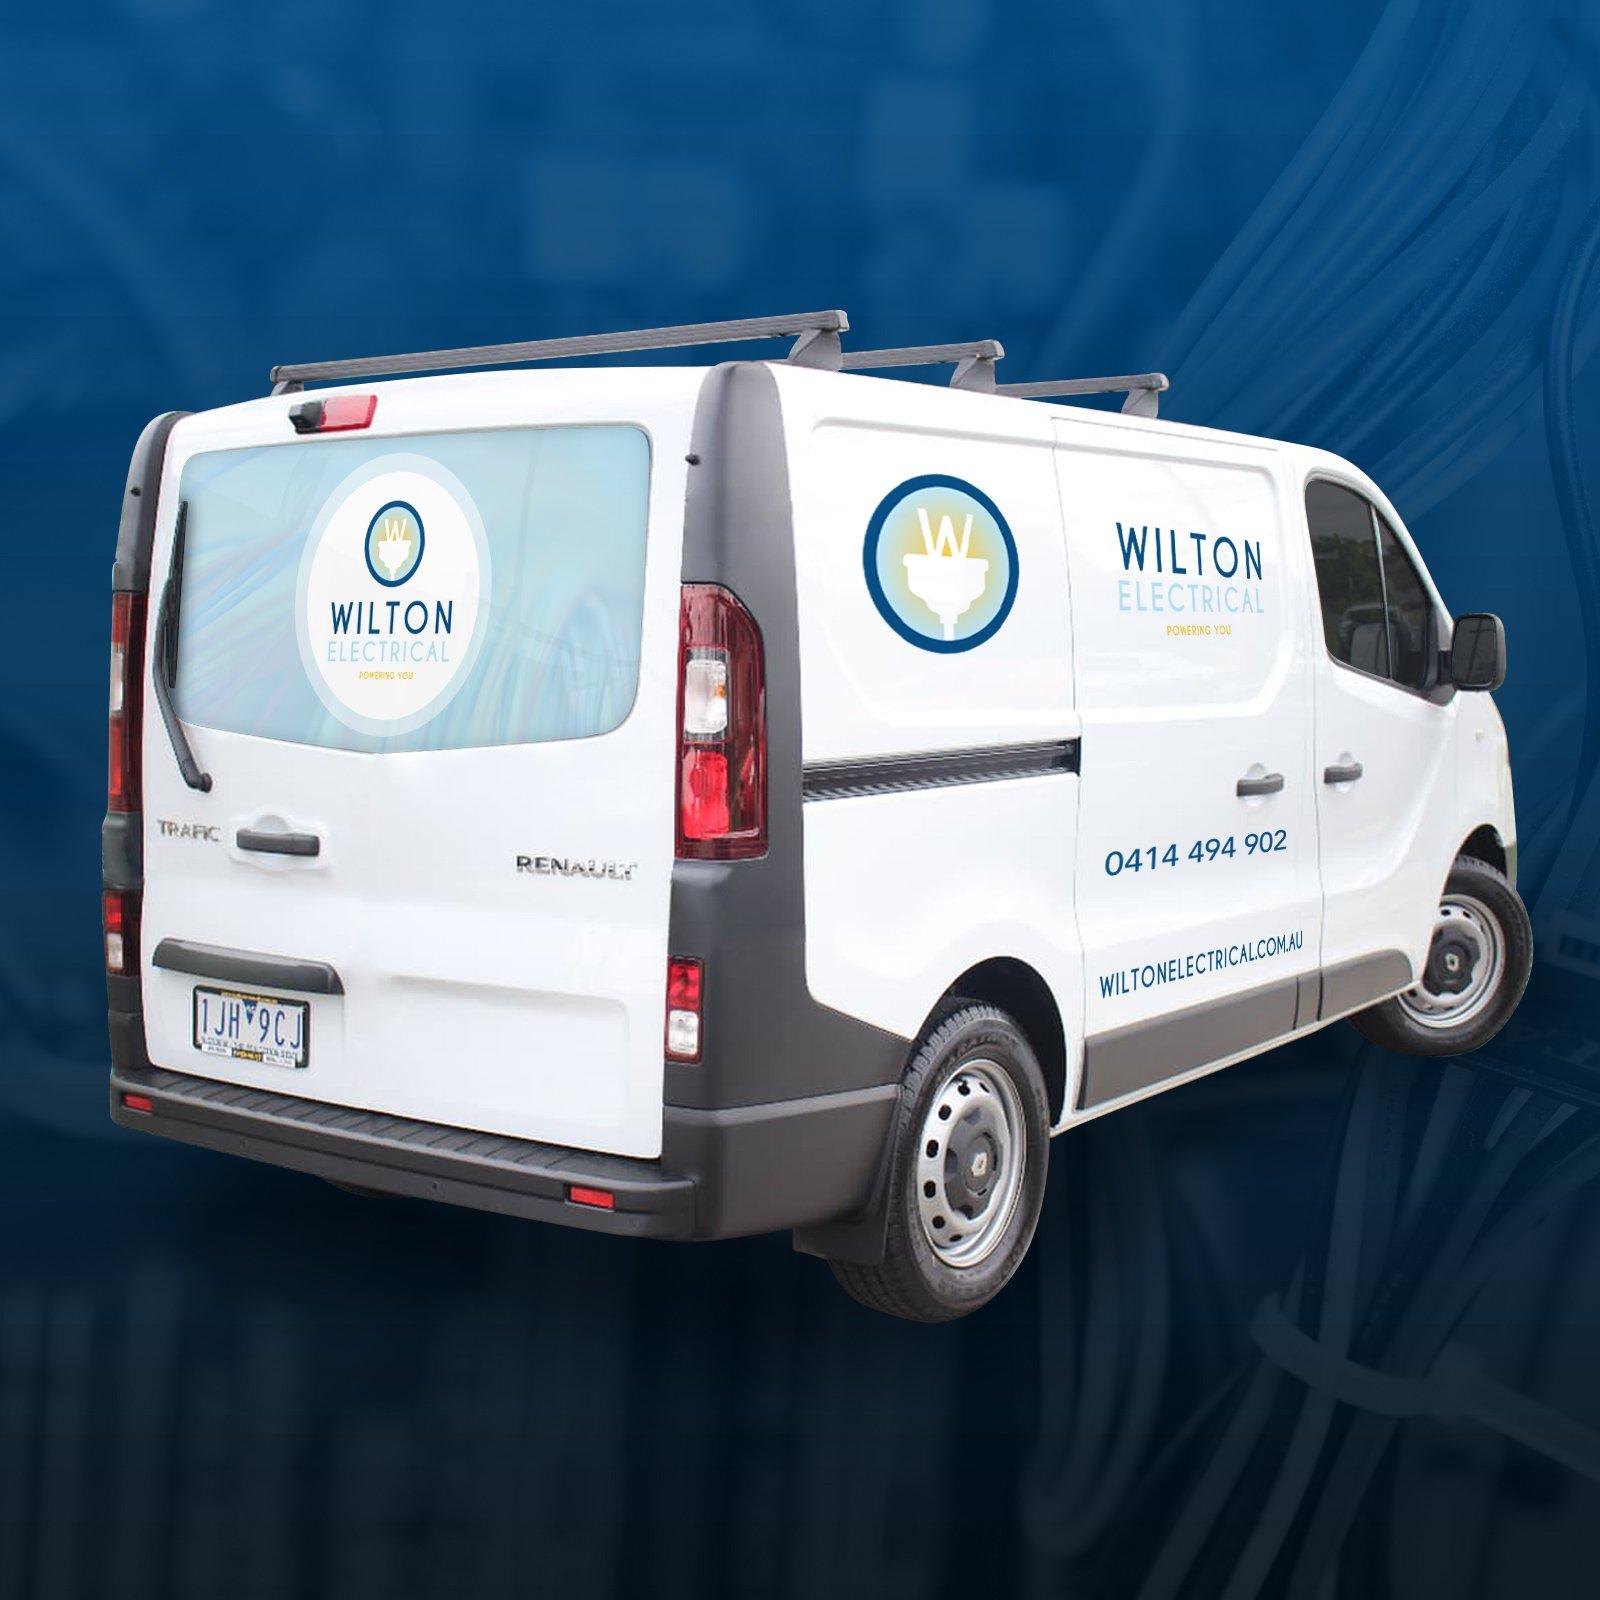 Wilton Electrical Van Wrap